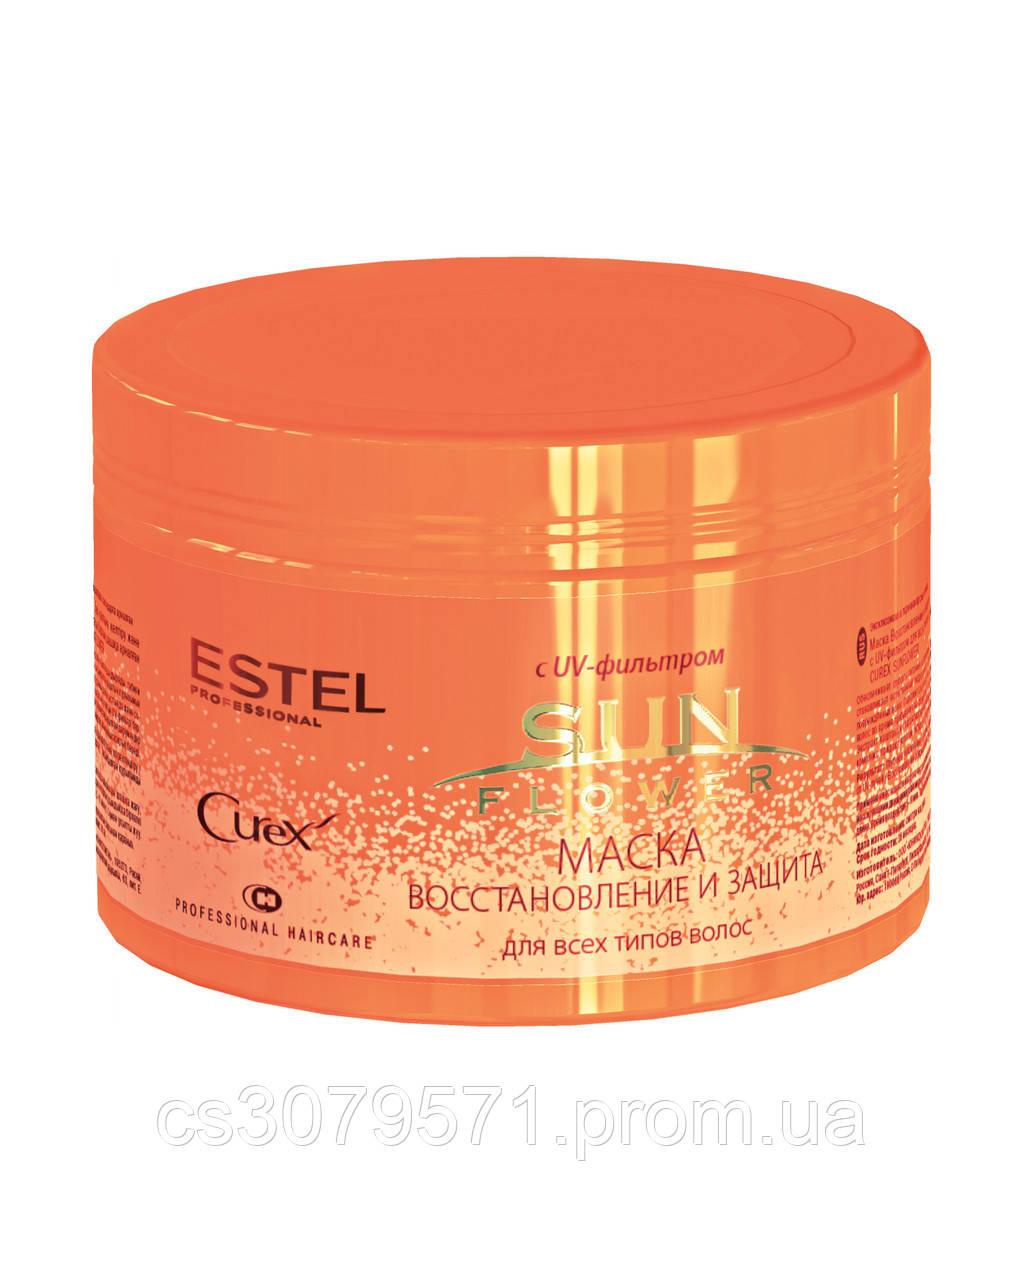 Маска-защита от солнца для всех типов волос Estel Professional Curex Sunflower 500 мл